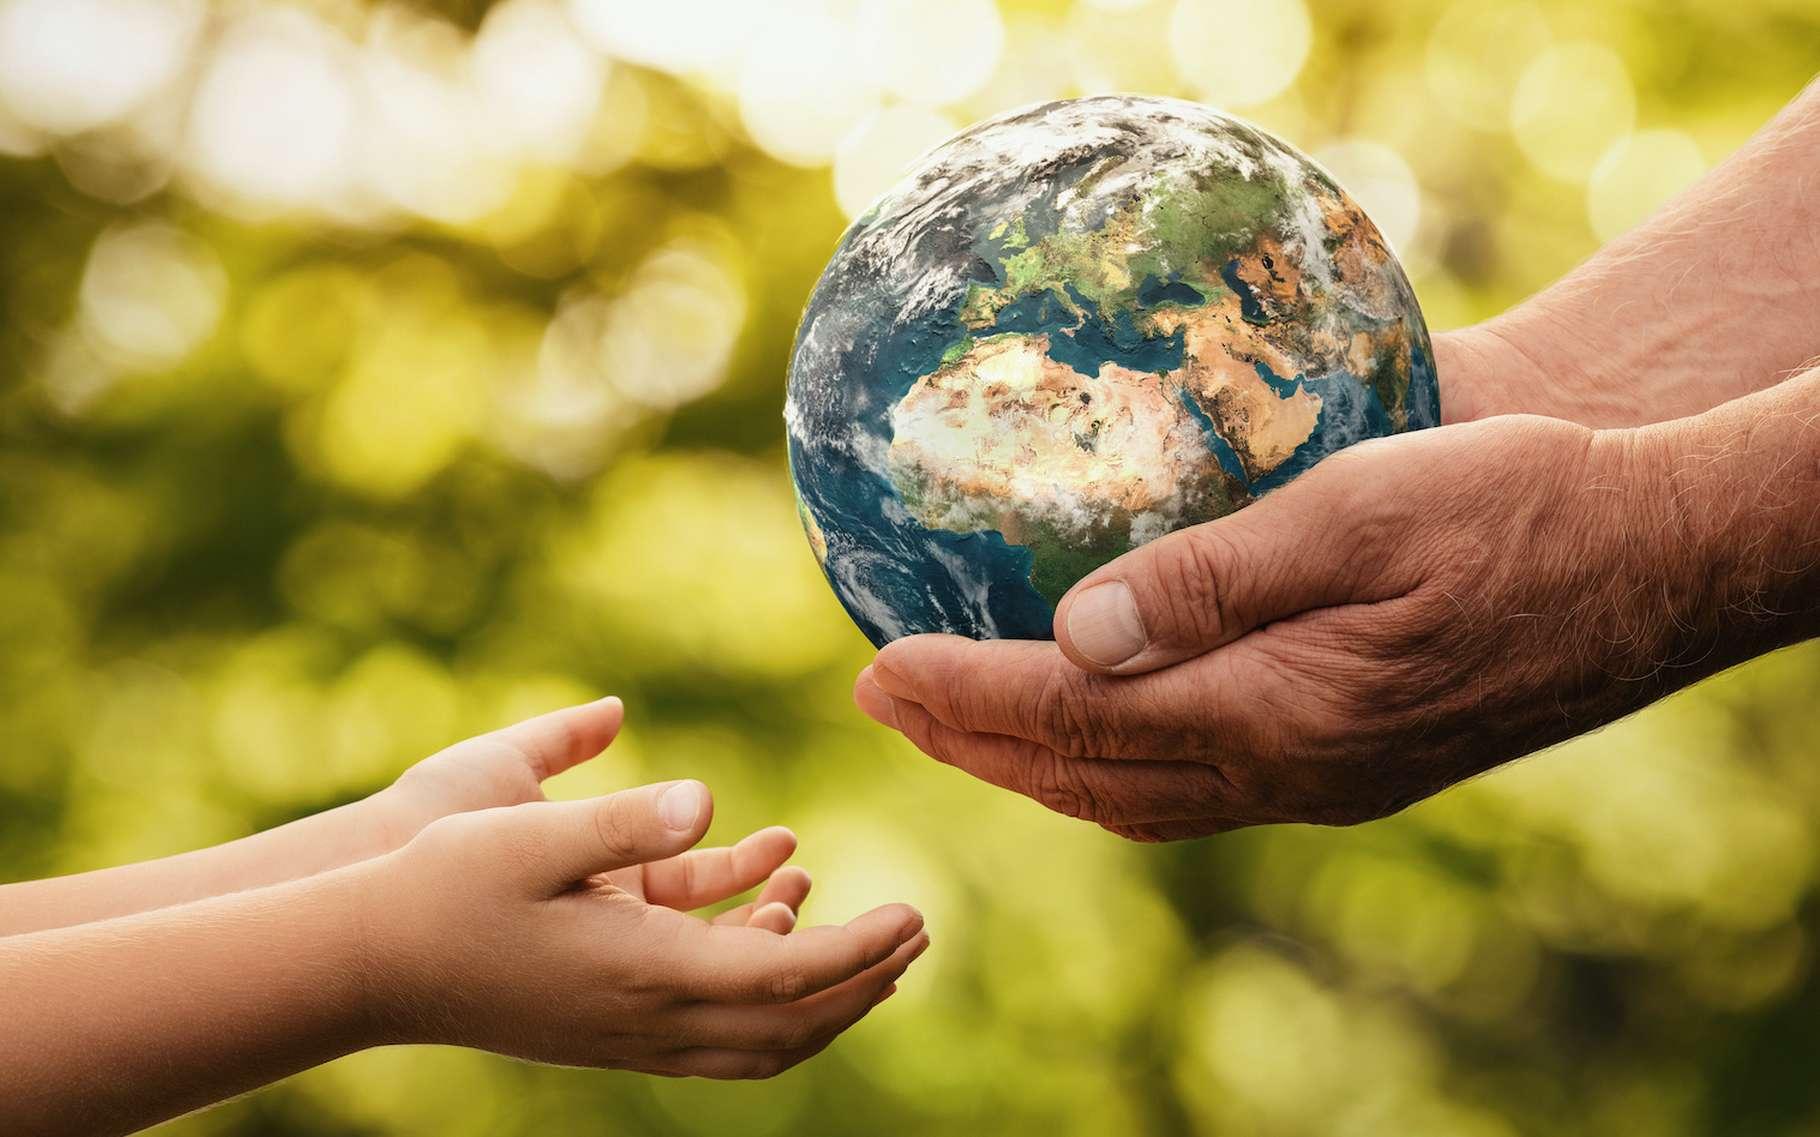 Imaginez un enfant, quelque part autour de 2100, qui écrirait à son grand-père qui, en son temps, a su prendre le problème du réchauffement climatique à bras le corps. Que lui raconterait-il ? © rangizzz, Adobe Stock